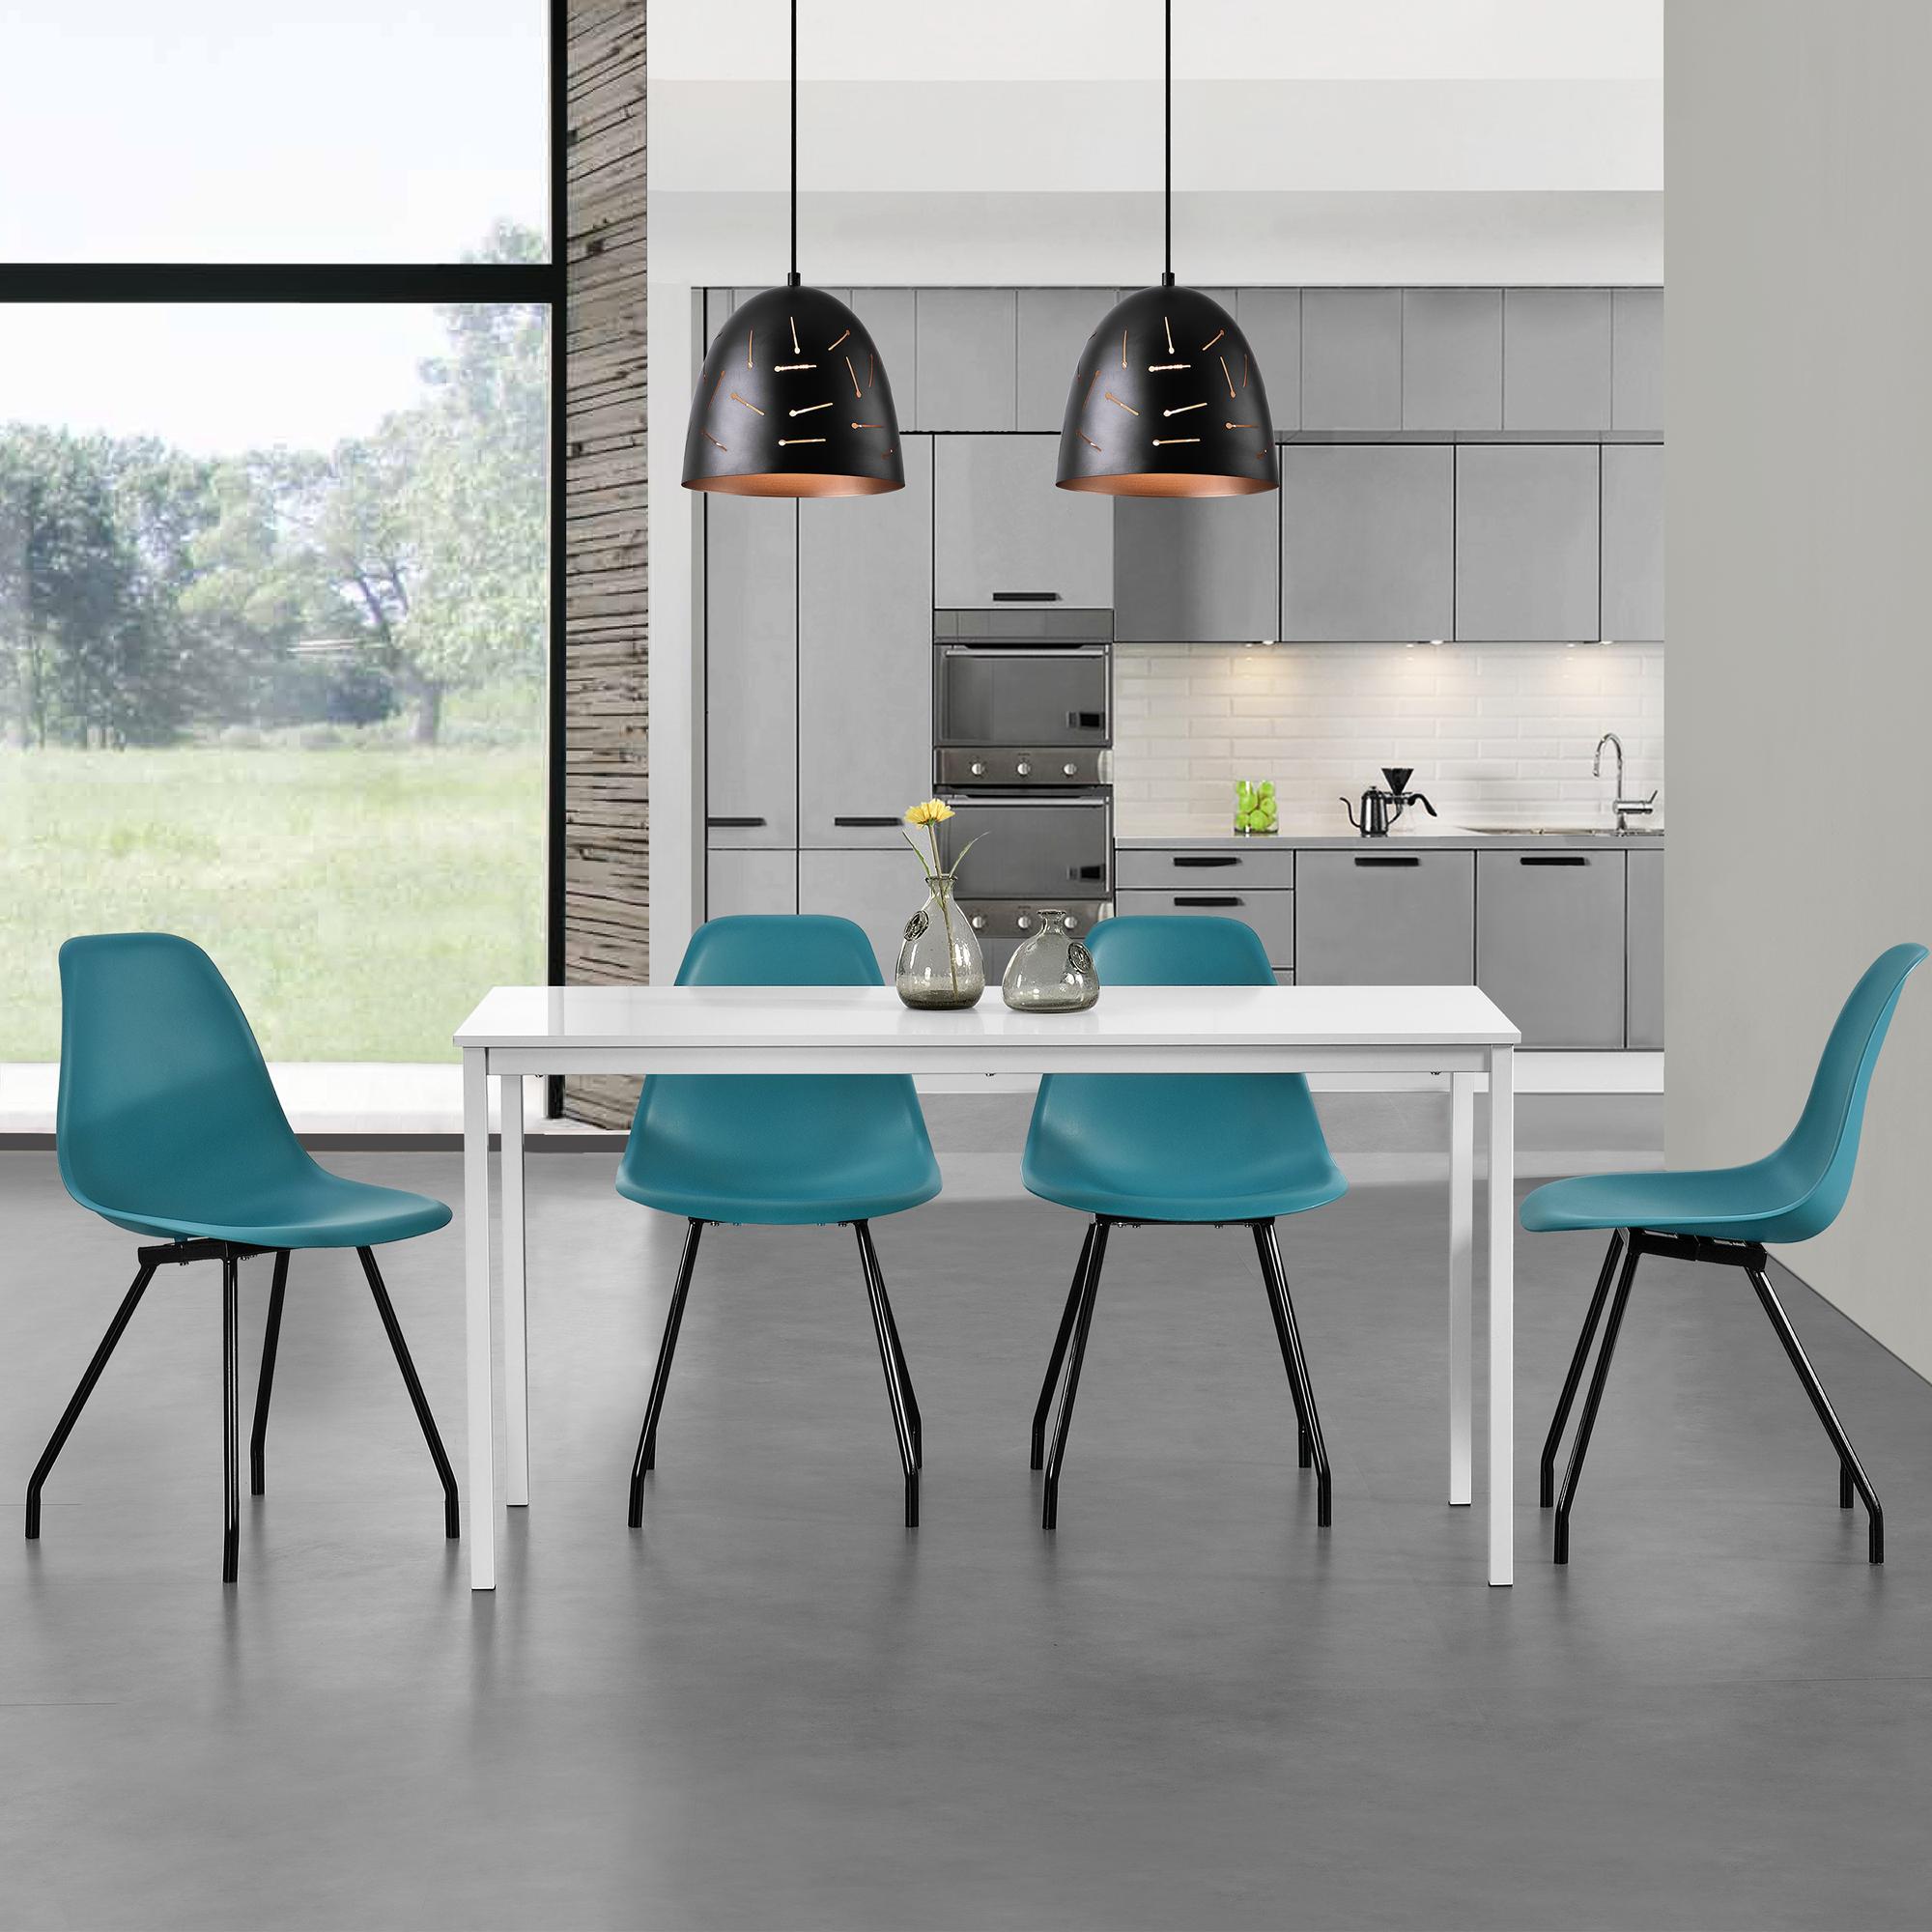 esstisch mit 4 st hlen wei t rkis 120x60cm k chentisch esszimmertisch ebay. Black Bedroom Furniture Sets. Home Design Ideas